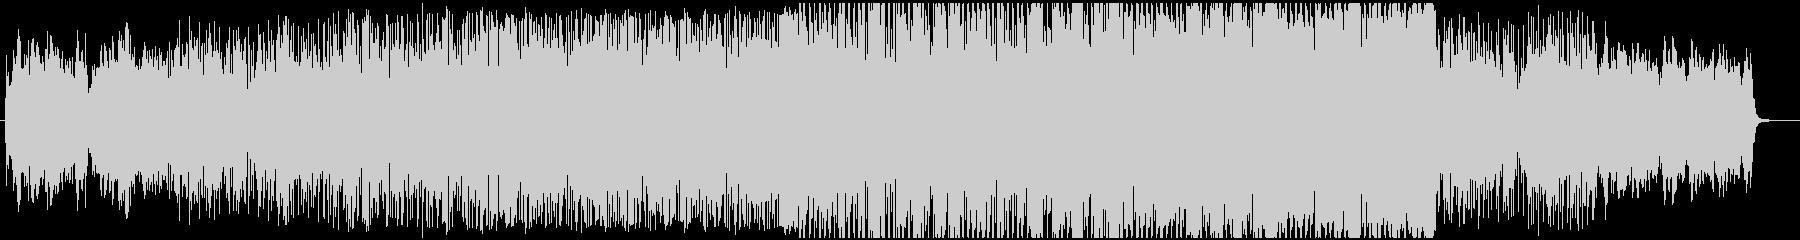 静かめのオープニング・エレクトロBGMの未再生の波形